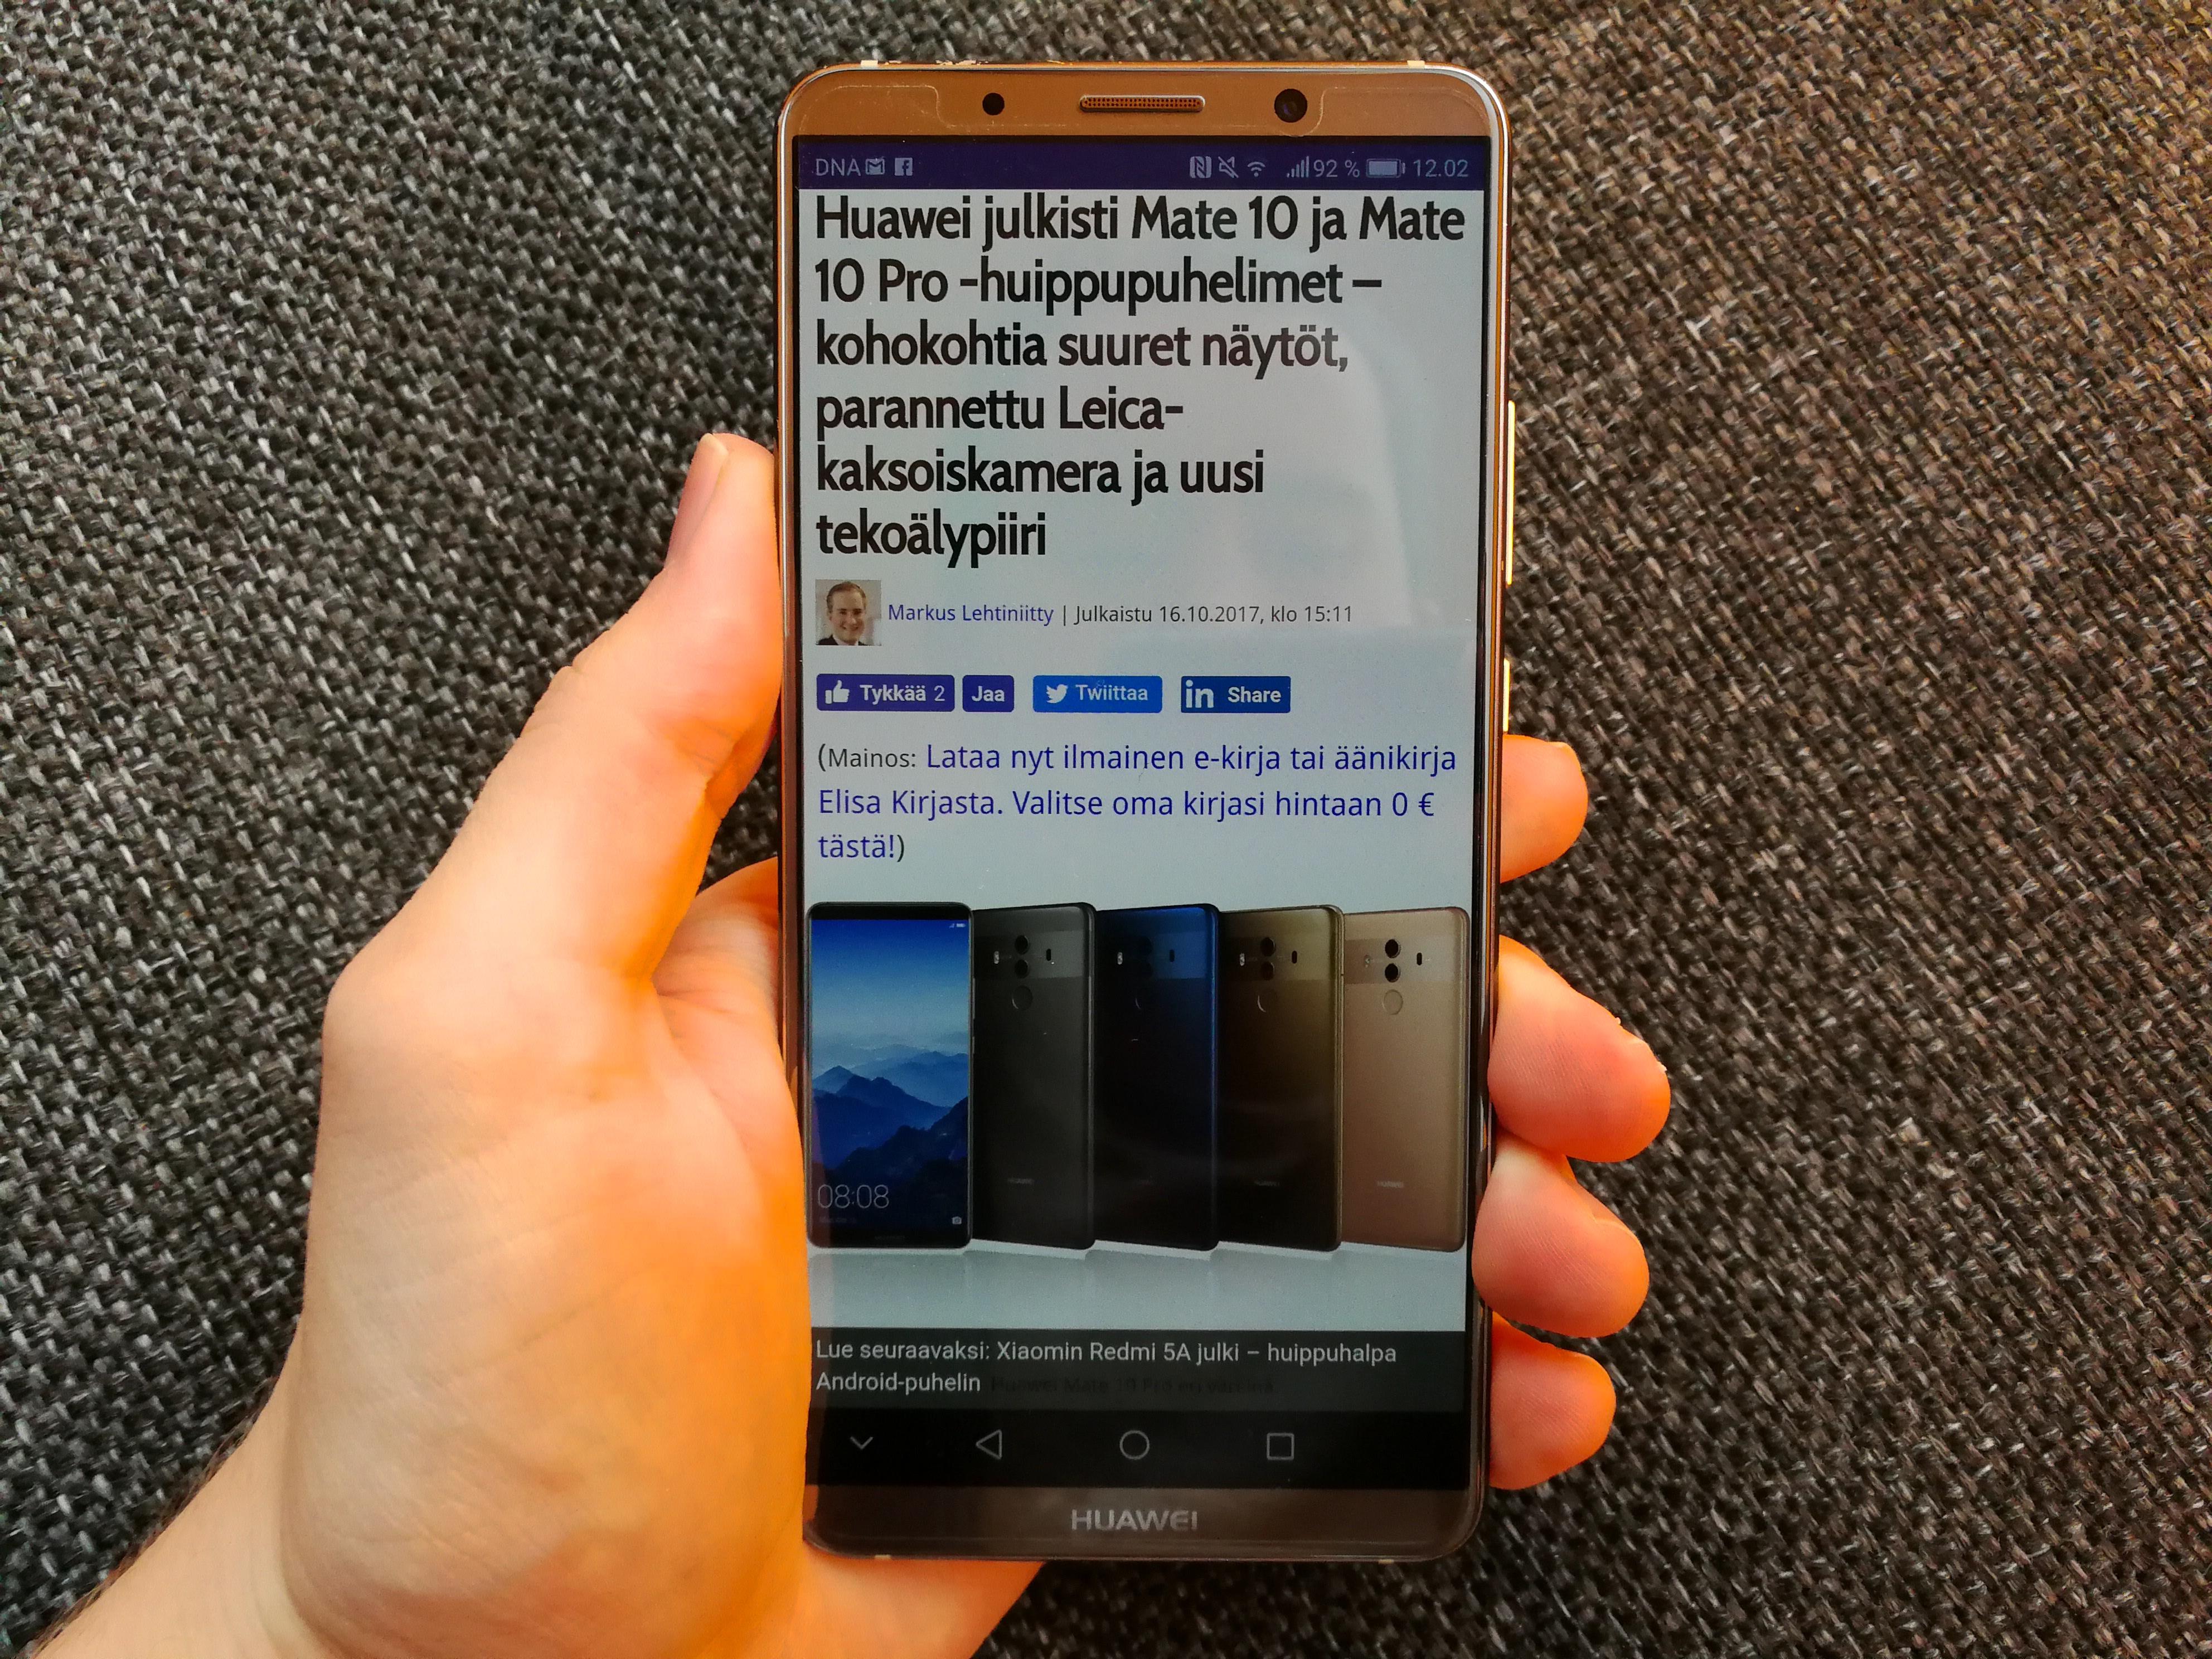 Huawei Mate 10 Prossa on 18:9-kuvasuhteen näyttö. 16:9-näytöllä varustettu Mate 10 ei tule myyntiin Suomessa.